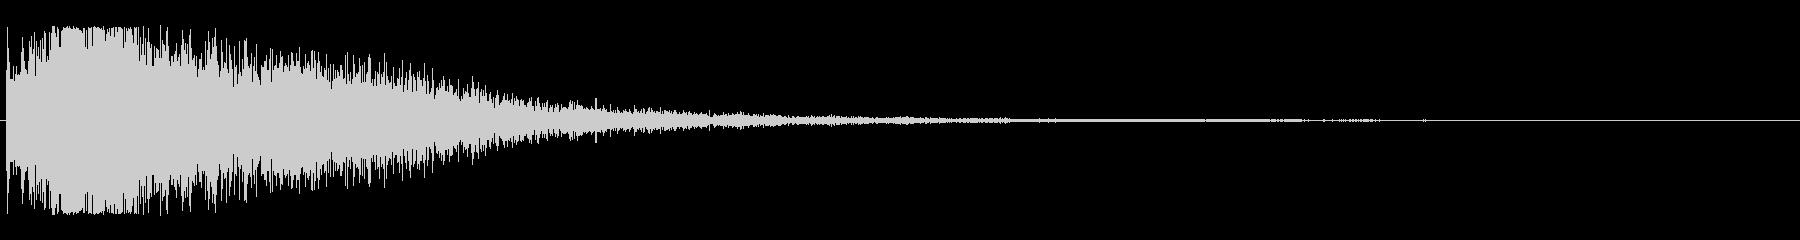 ジャラーン(華やかで多音階の効果音)の未再生の波形